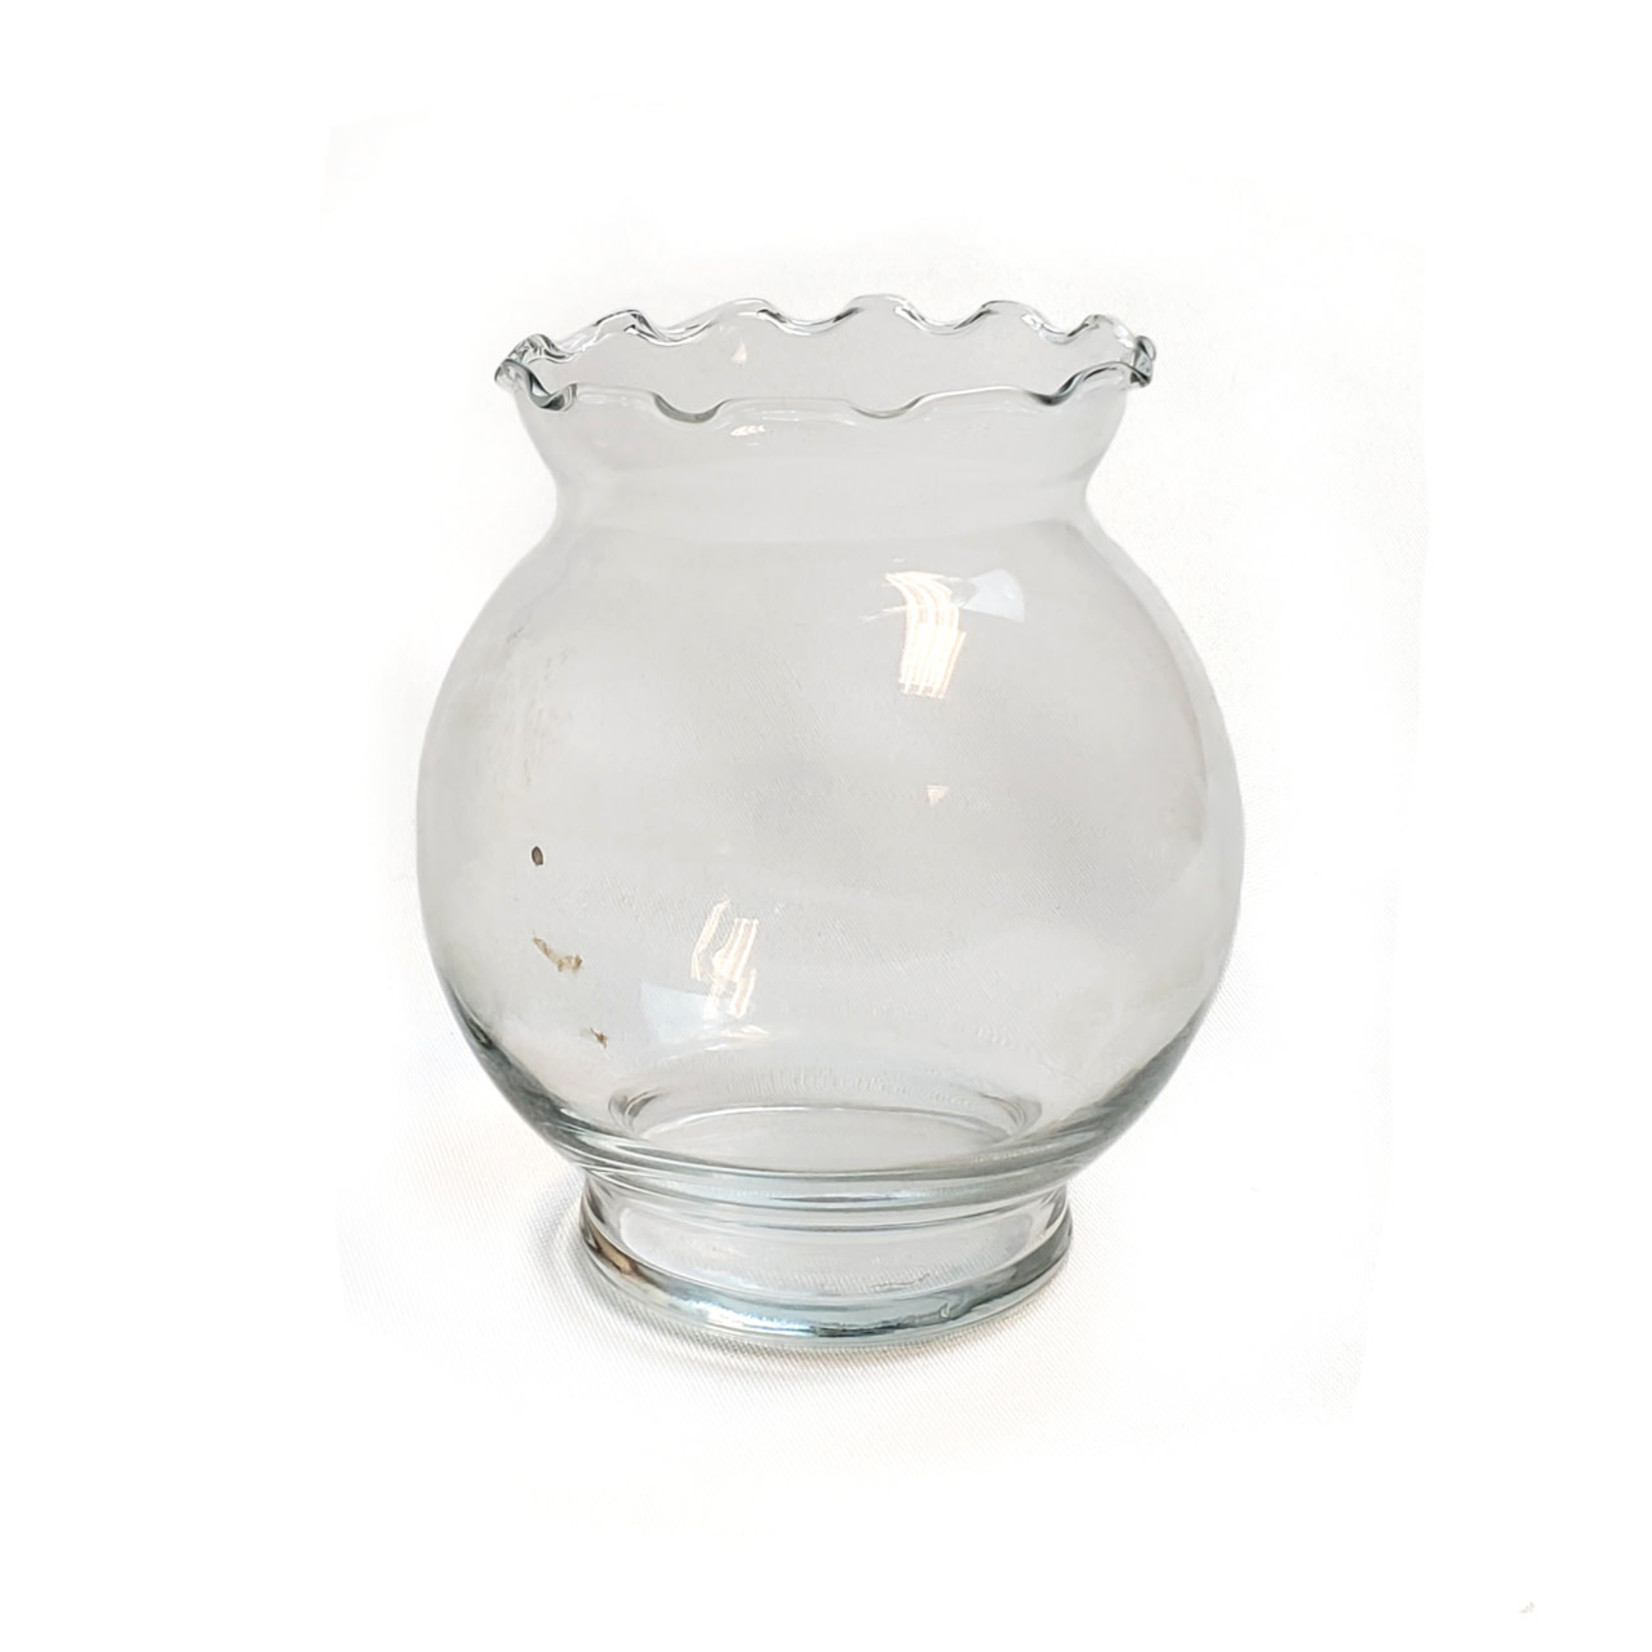 Round Ruffled Vase